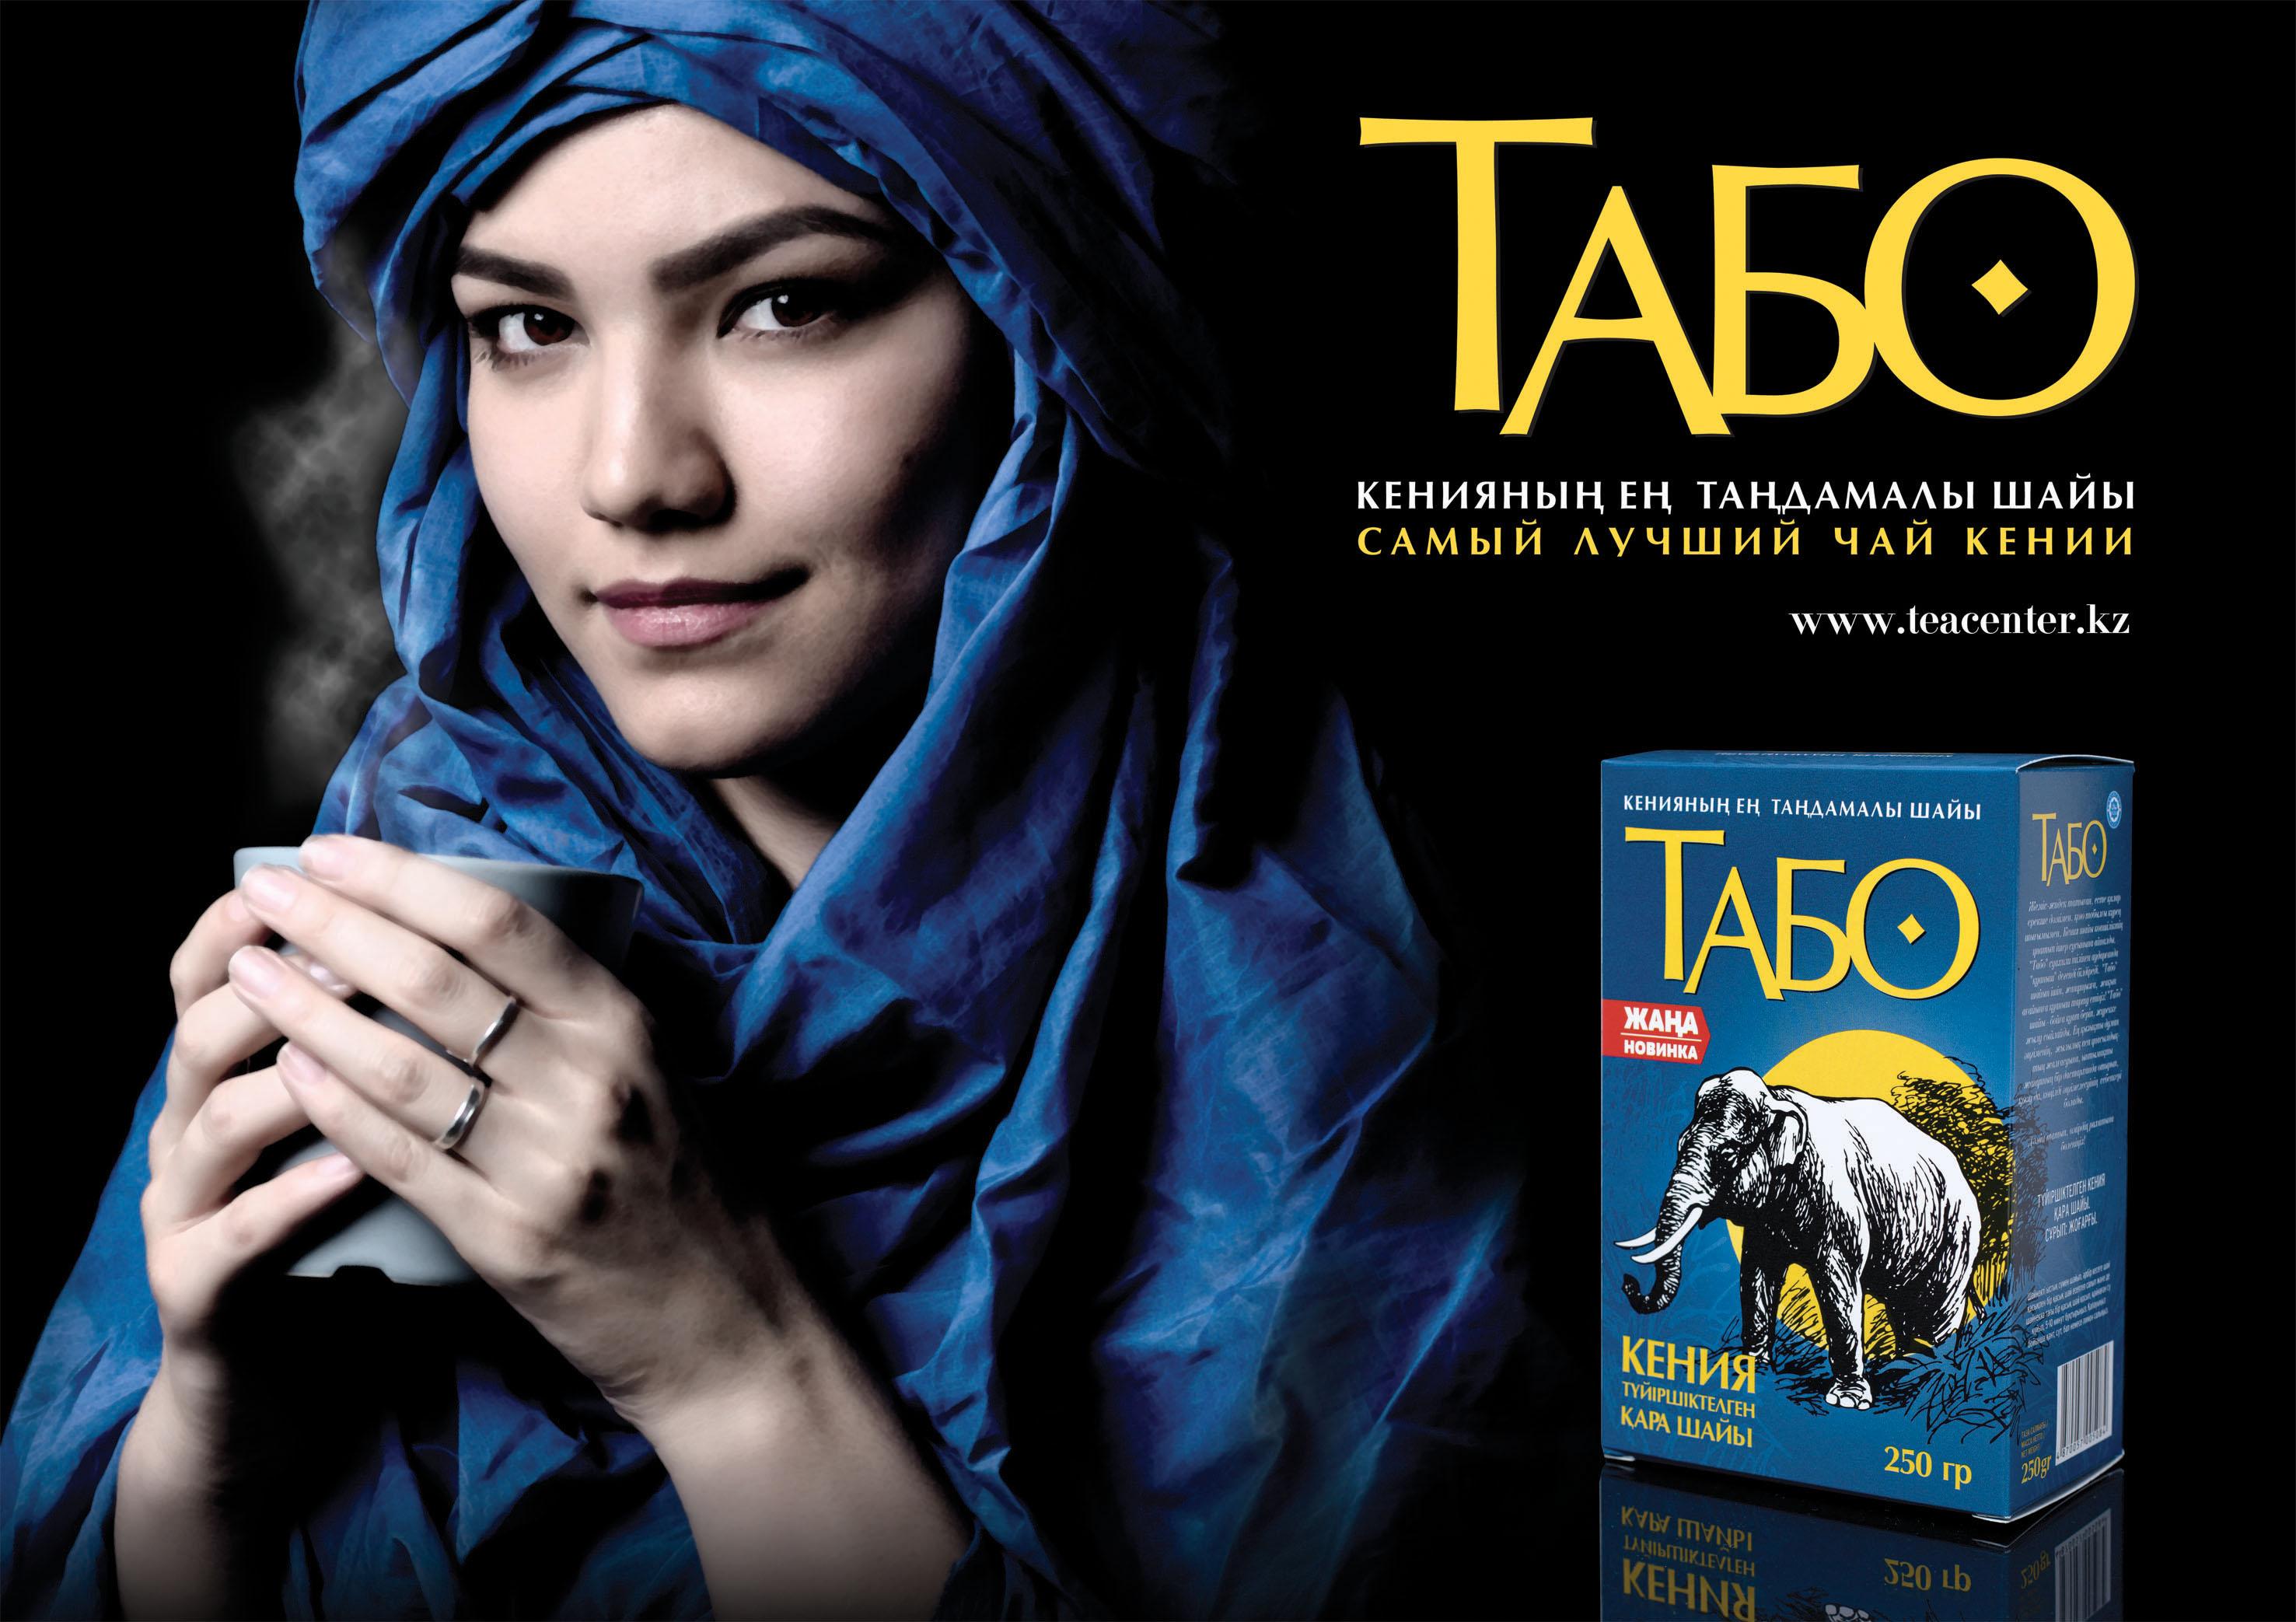 Tabo_Poster_A1_Horisont